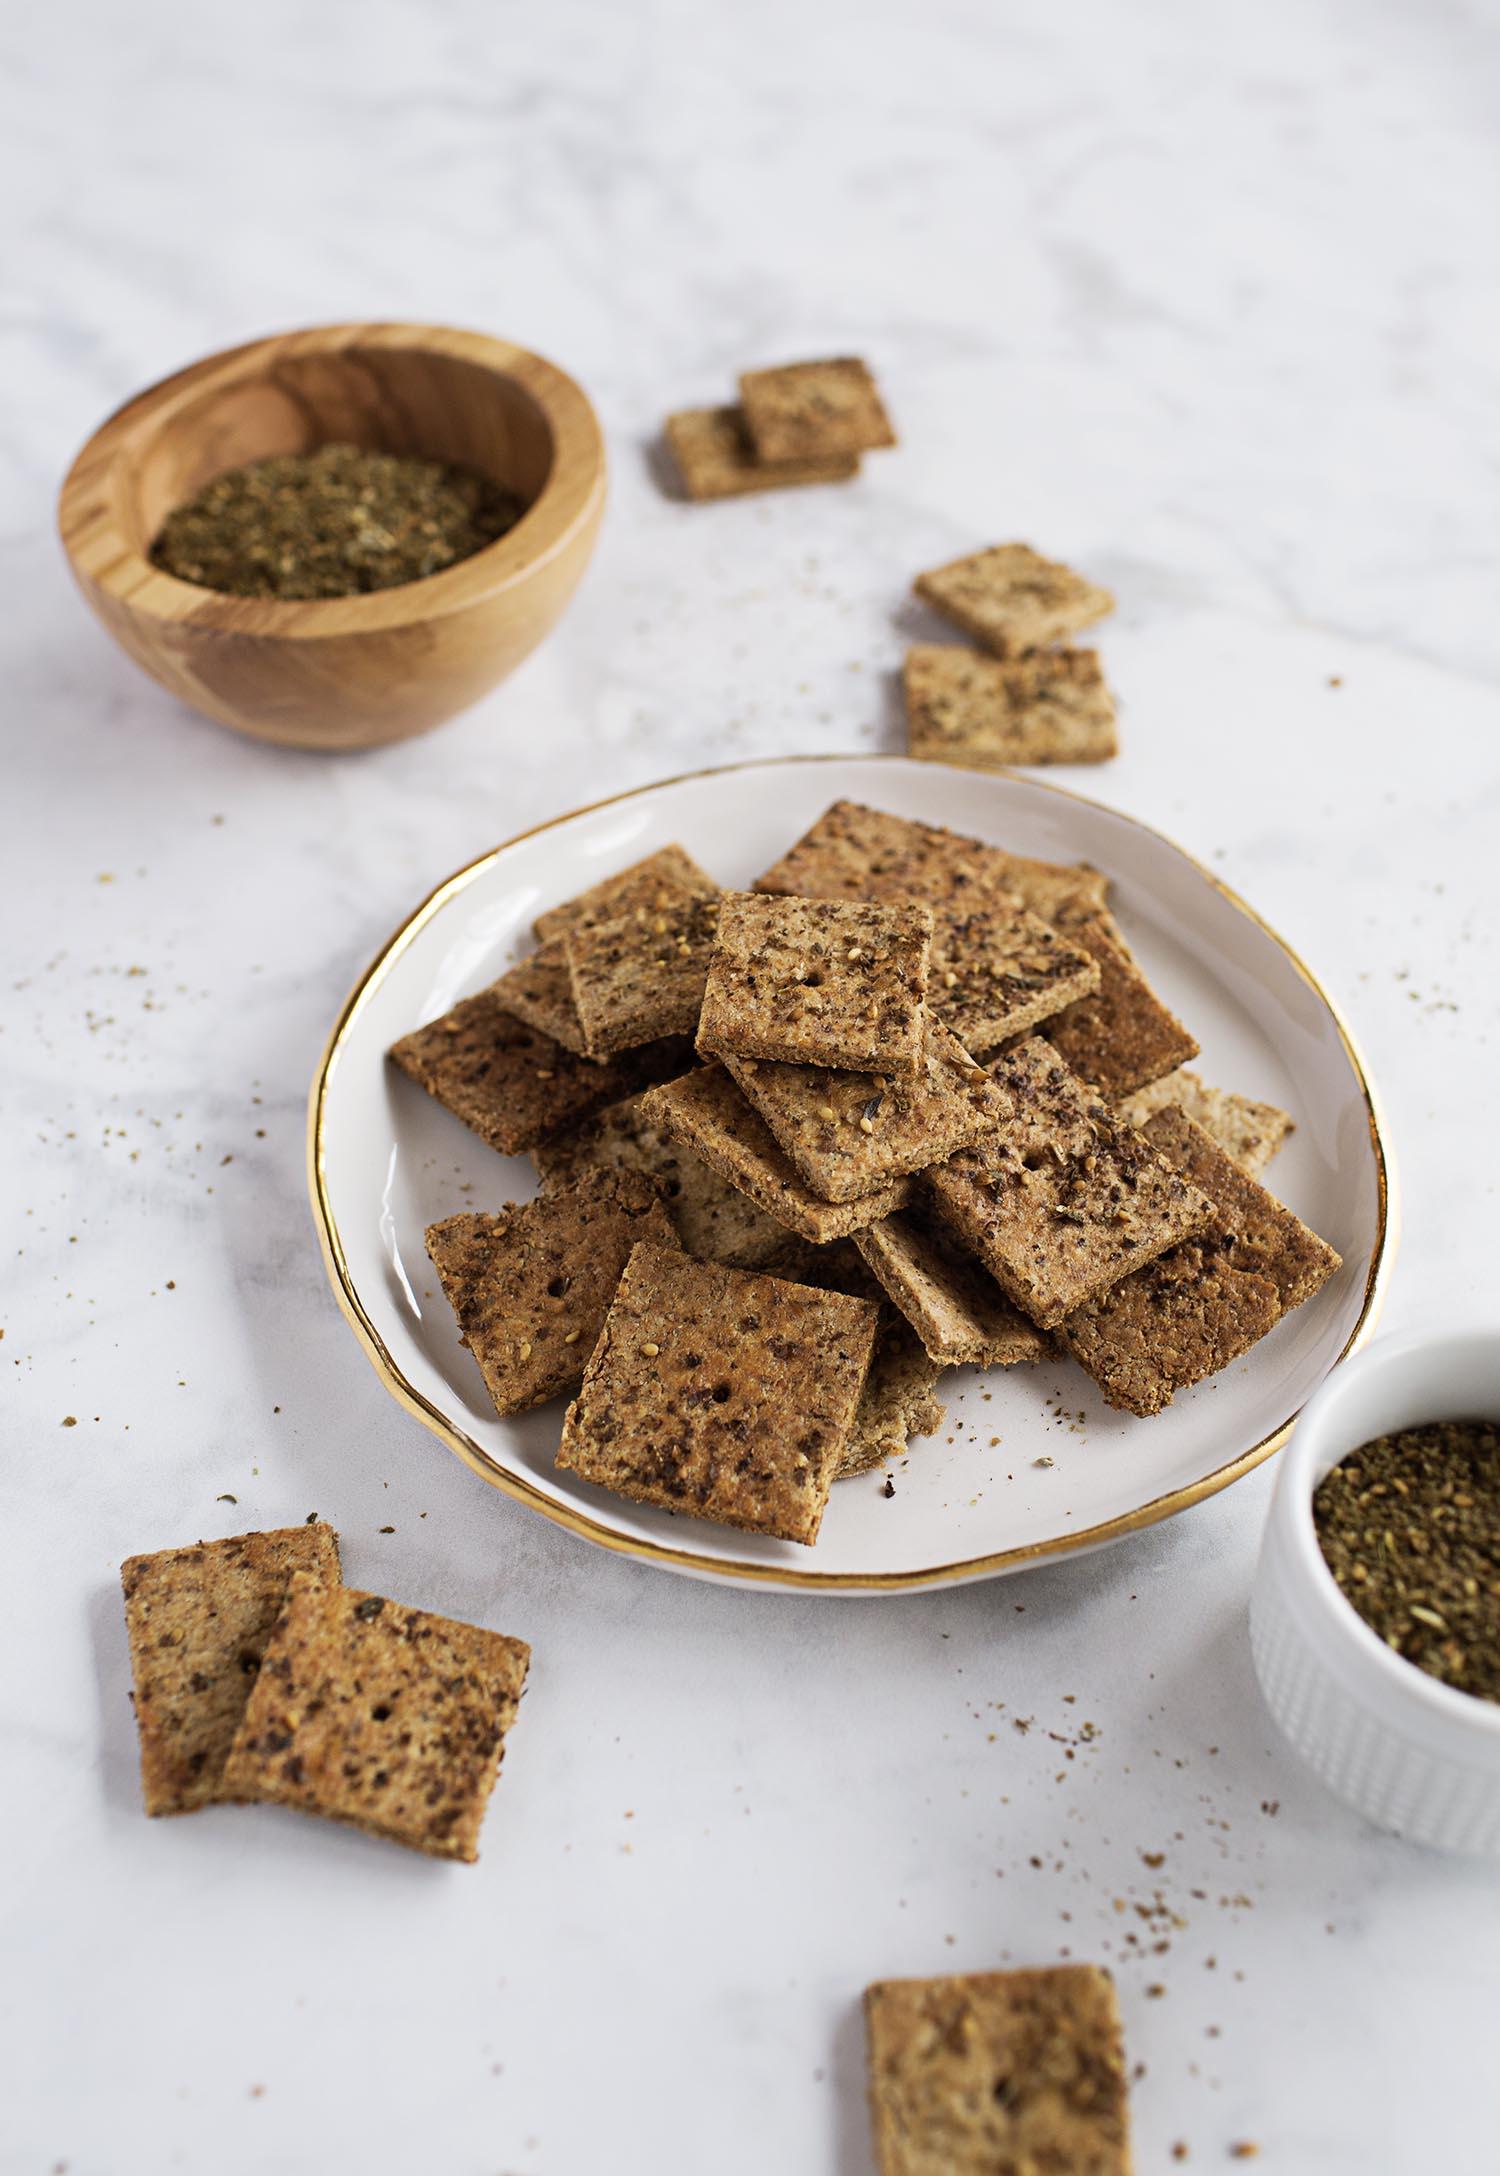 Homemade Whole Wheat Crackers (via abeautifulmess.com)